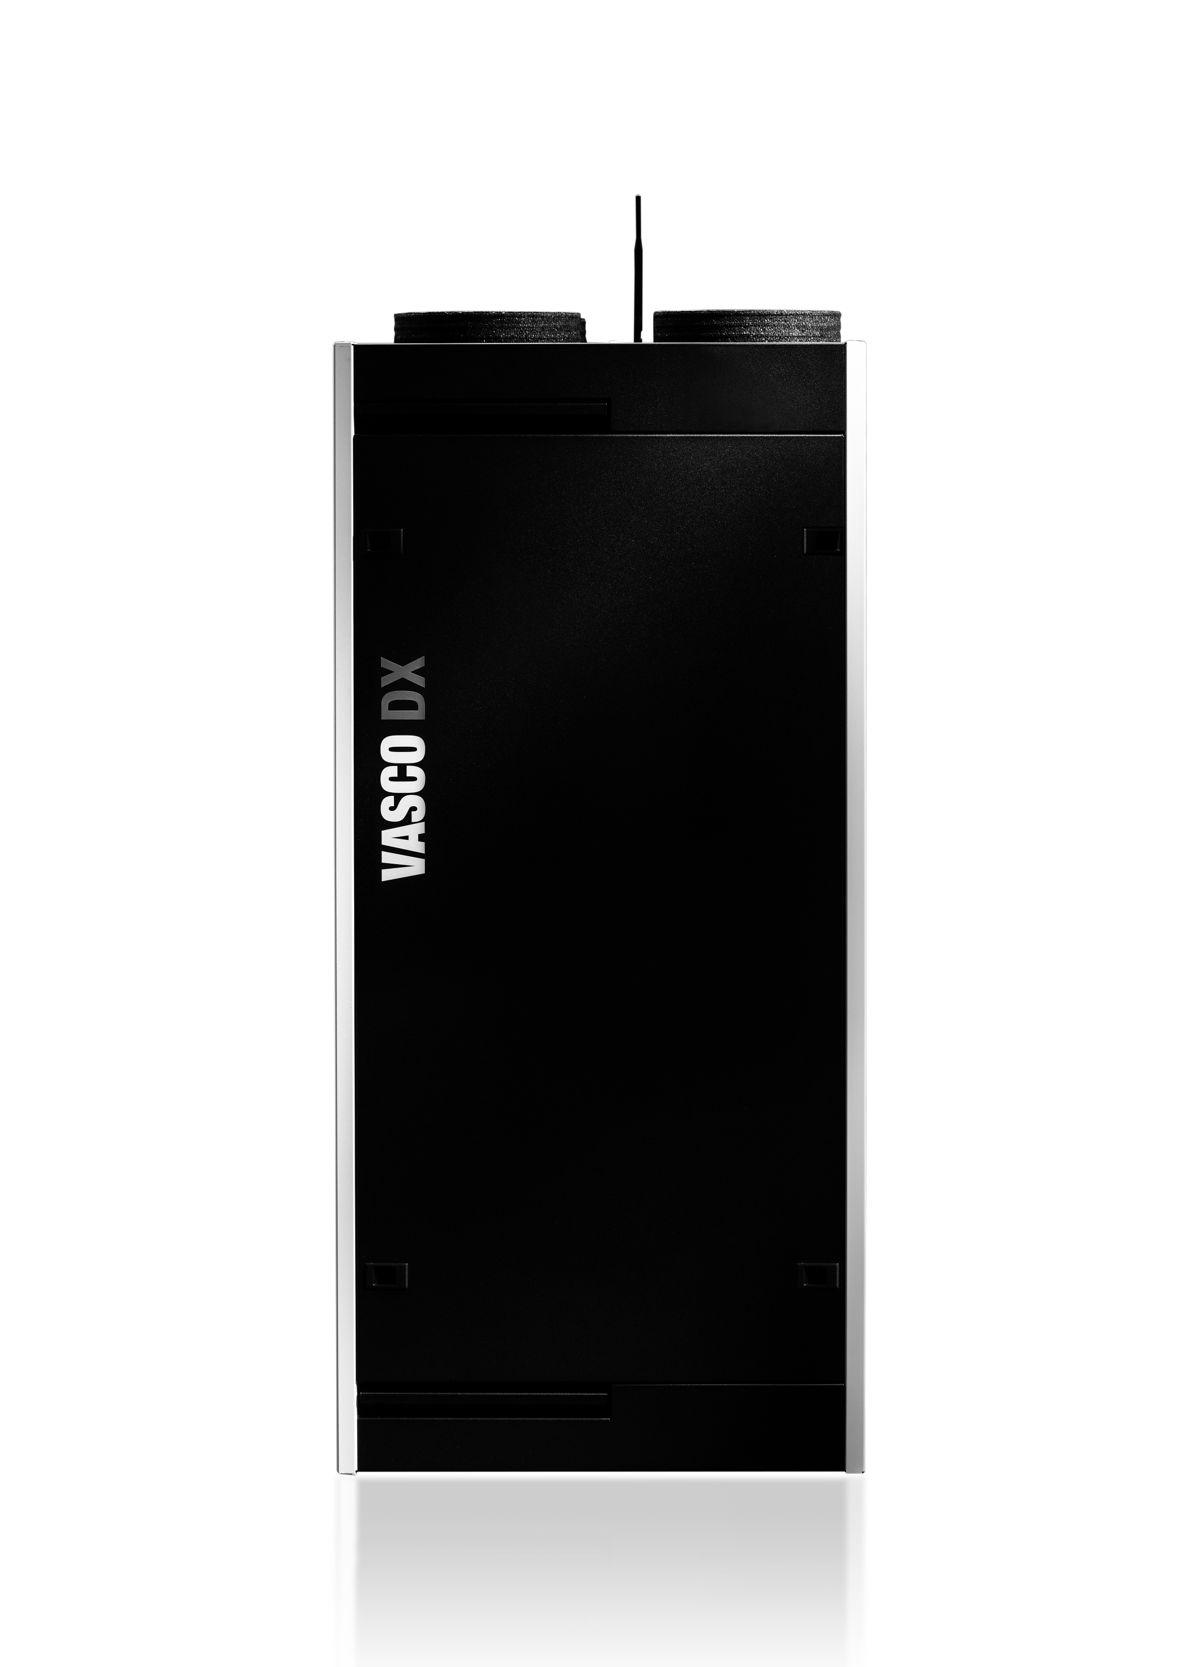 Vasco DX-unit